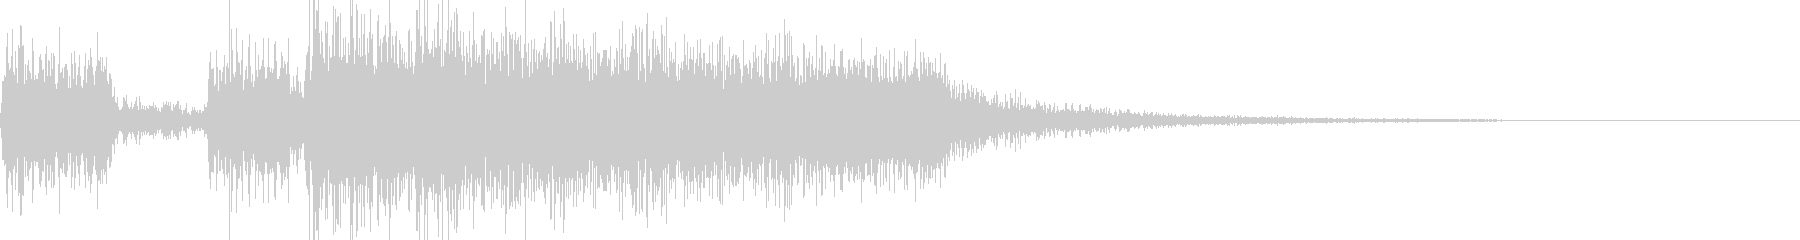 レベルアップ(テッテレー)の未再生の波形